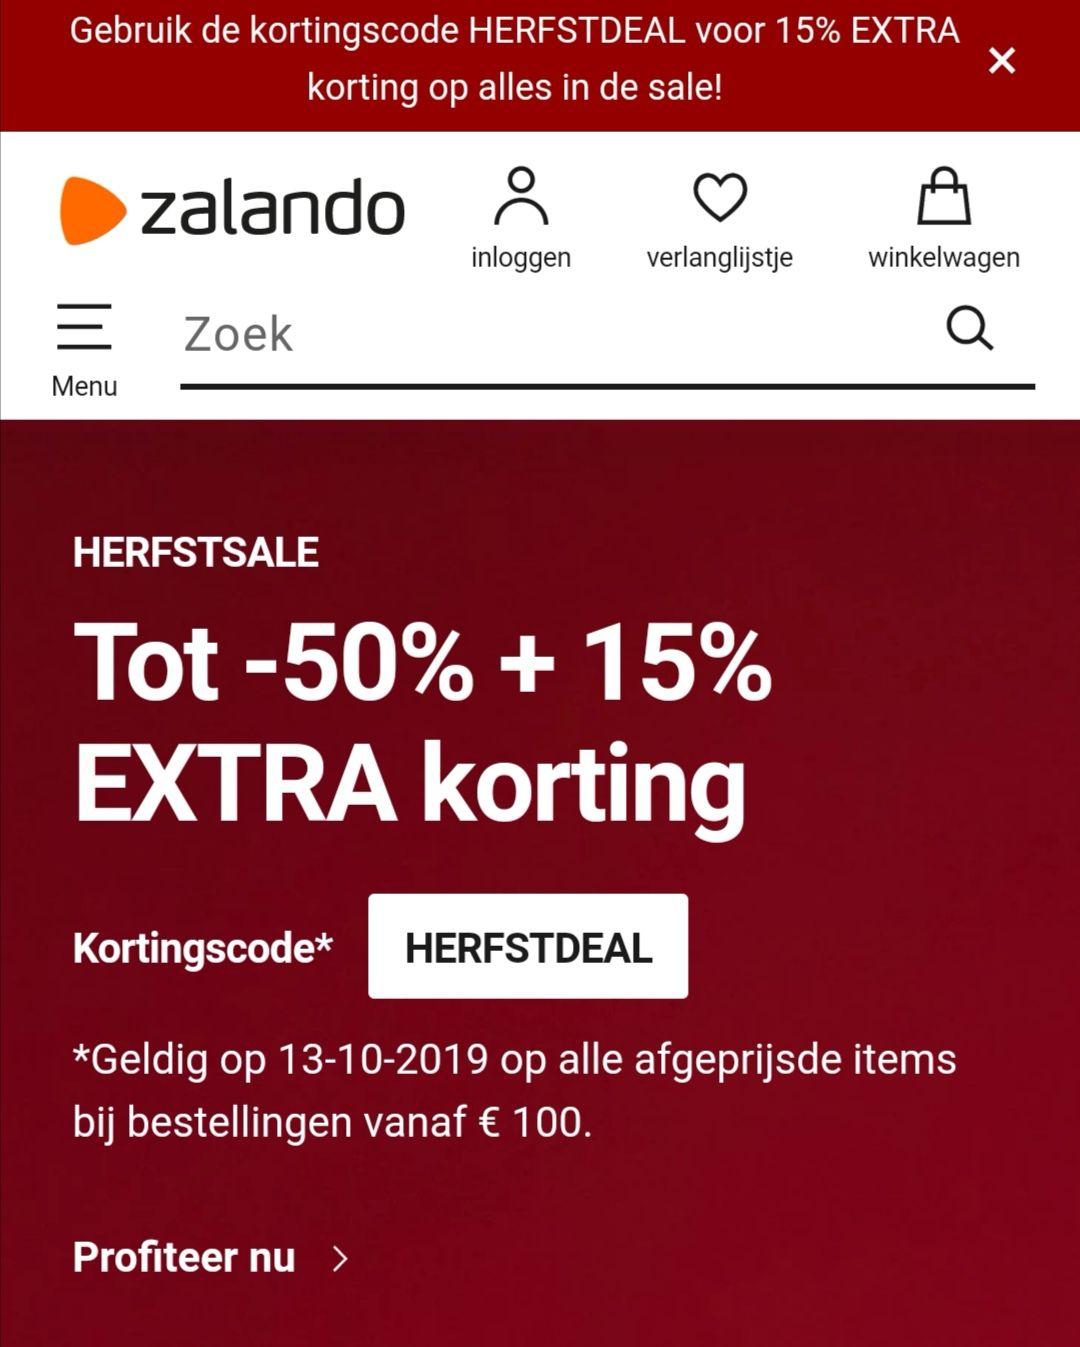 Zalando herfst sale + 15% extra korting vanaf €100